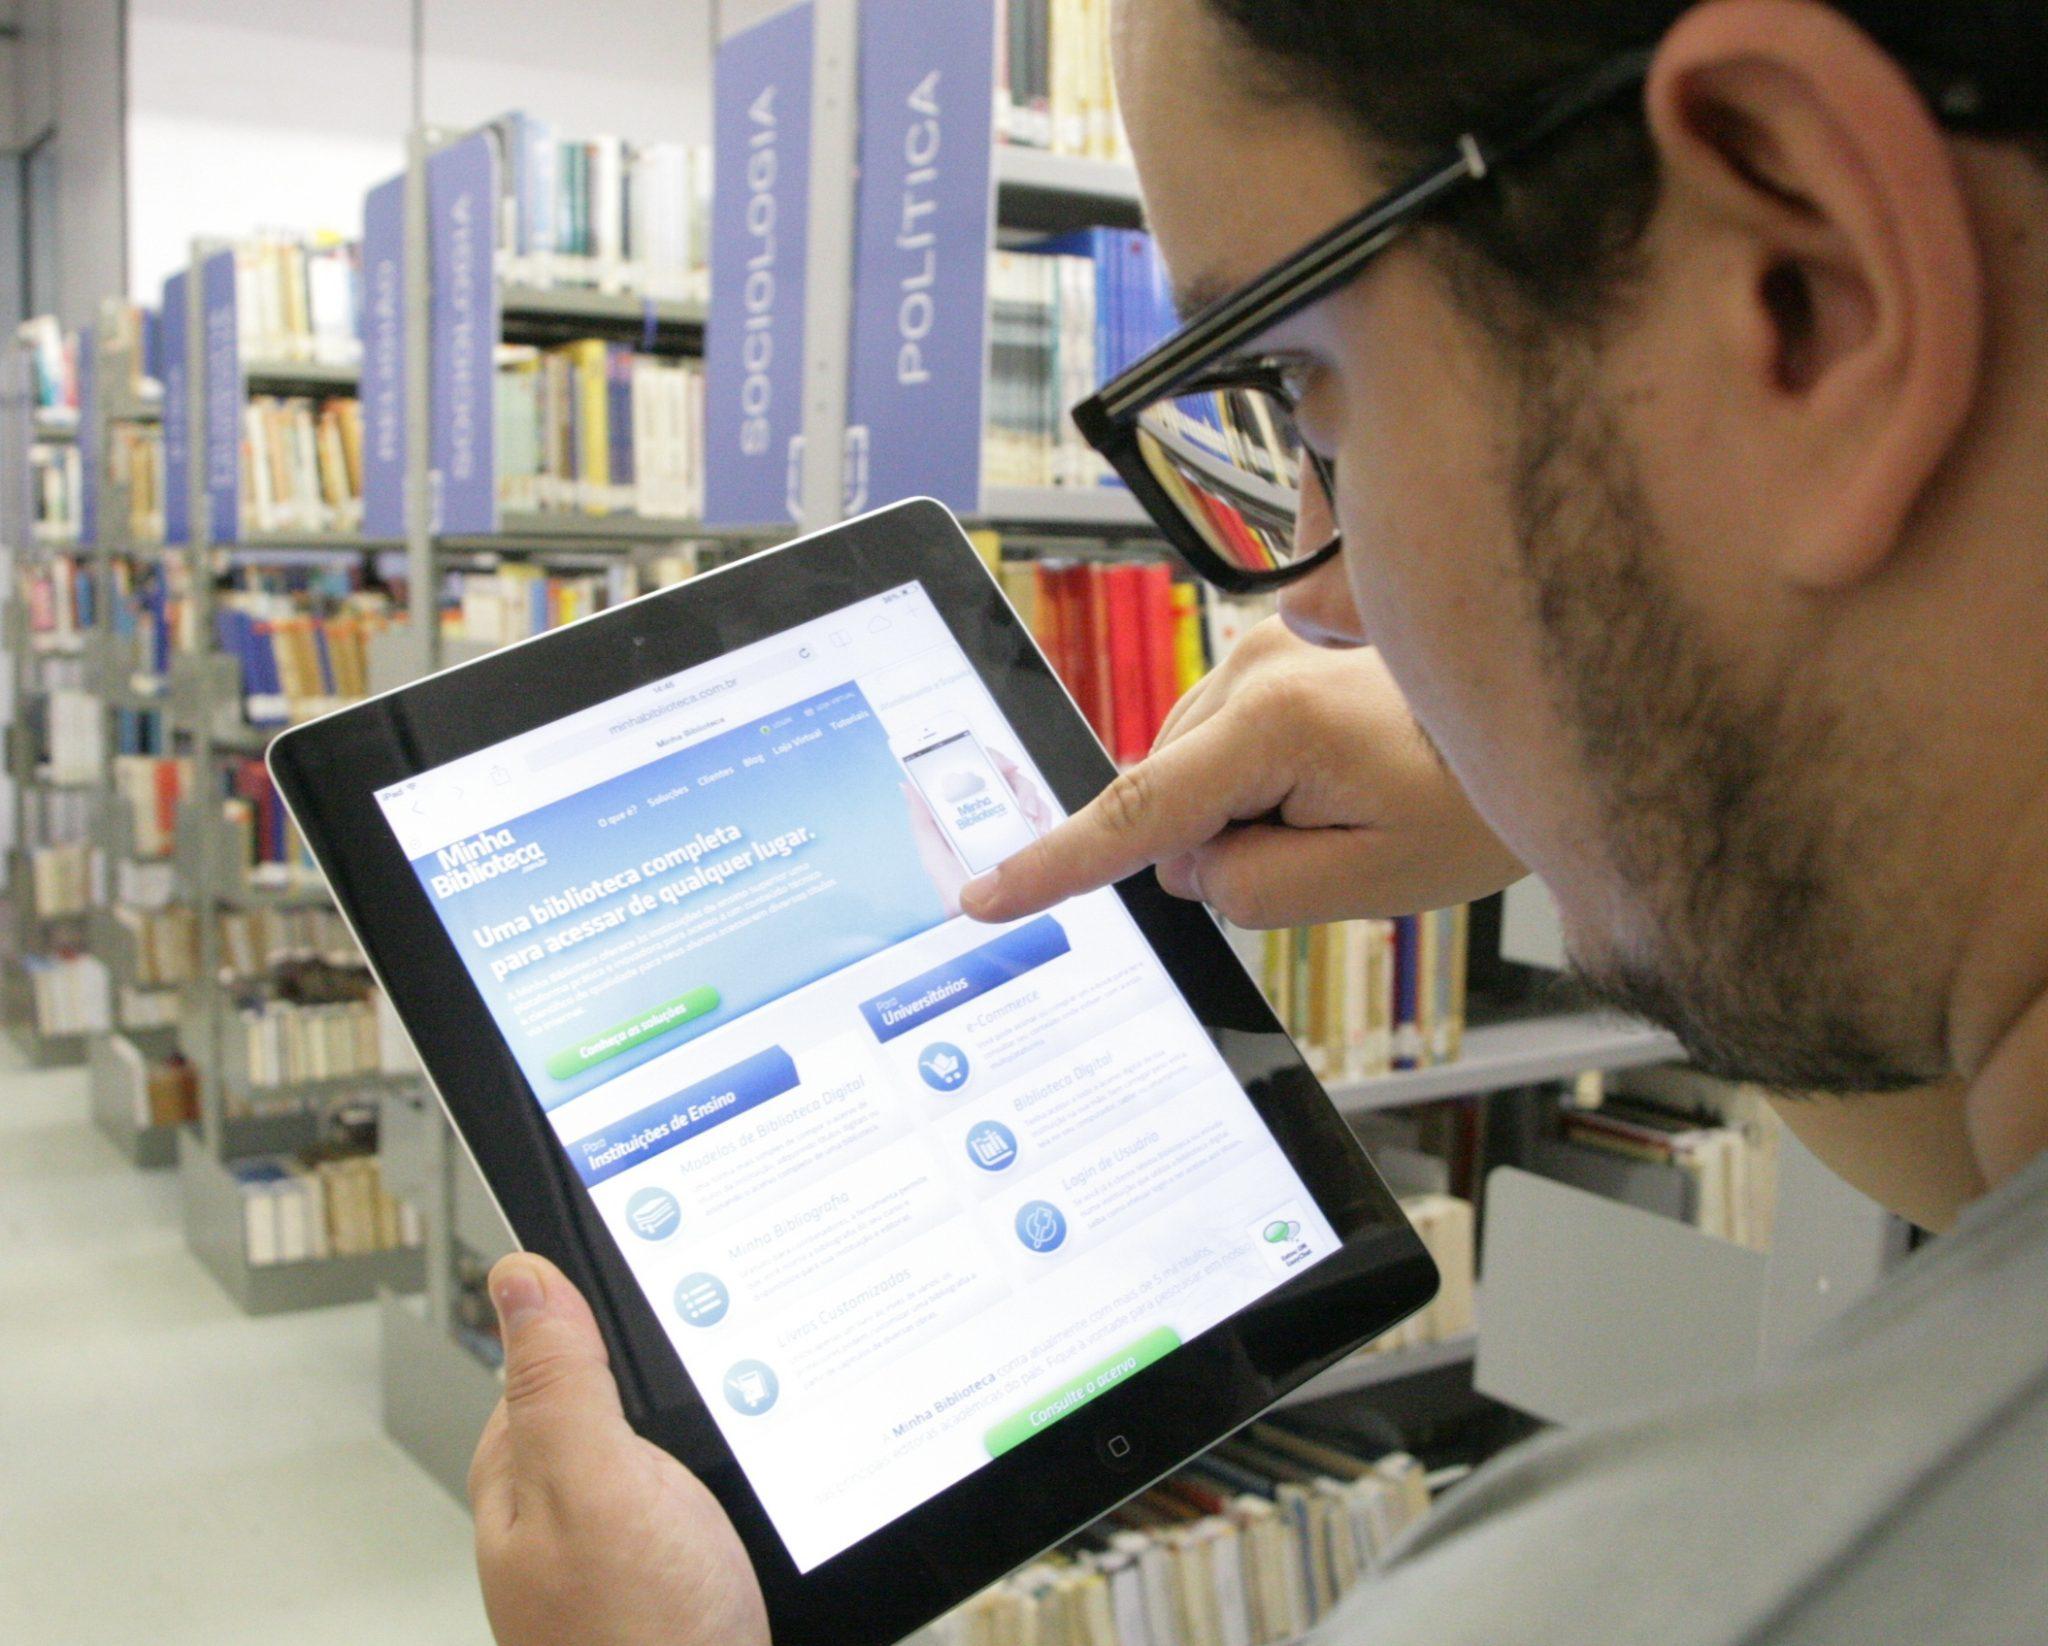 tablet-acesso-biblioteca-digital-sapu-ucpel-universidade